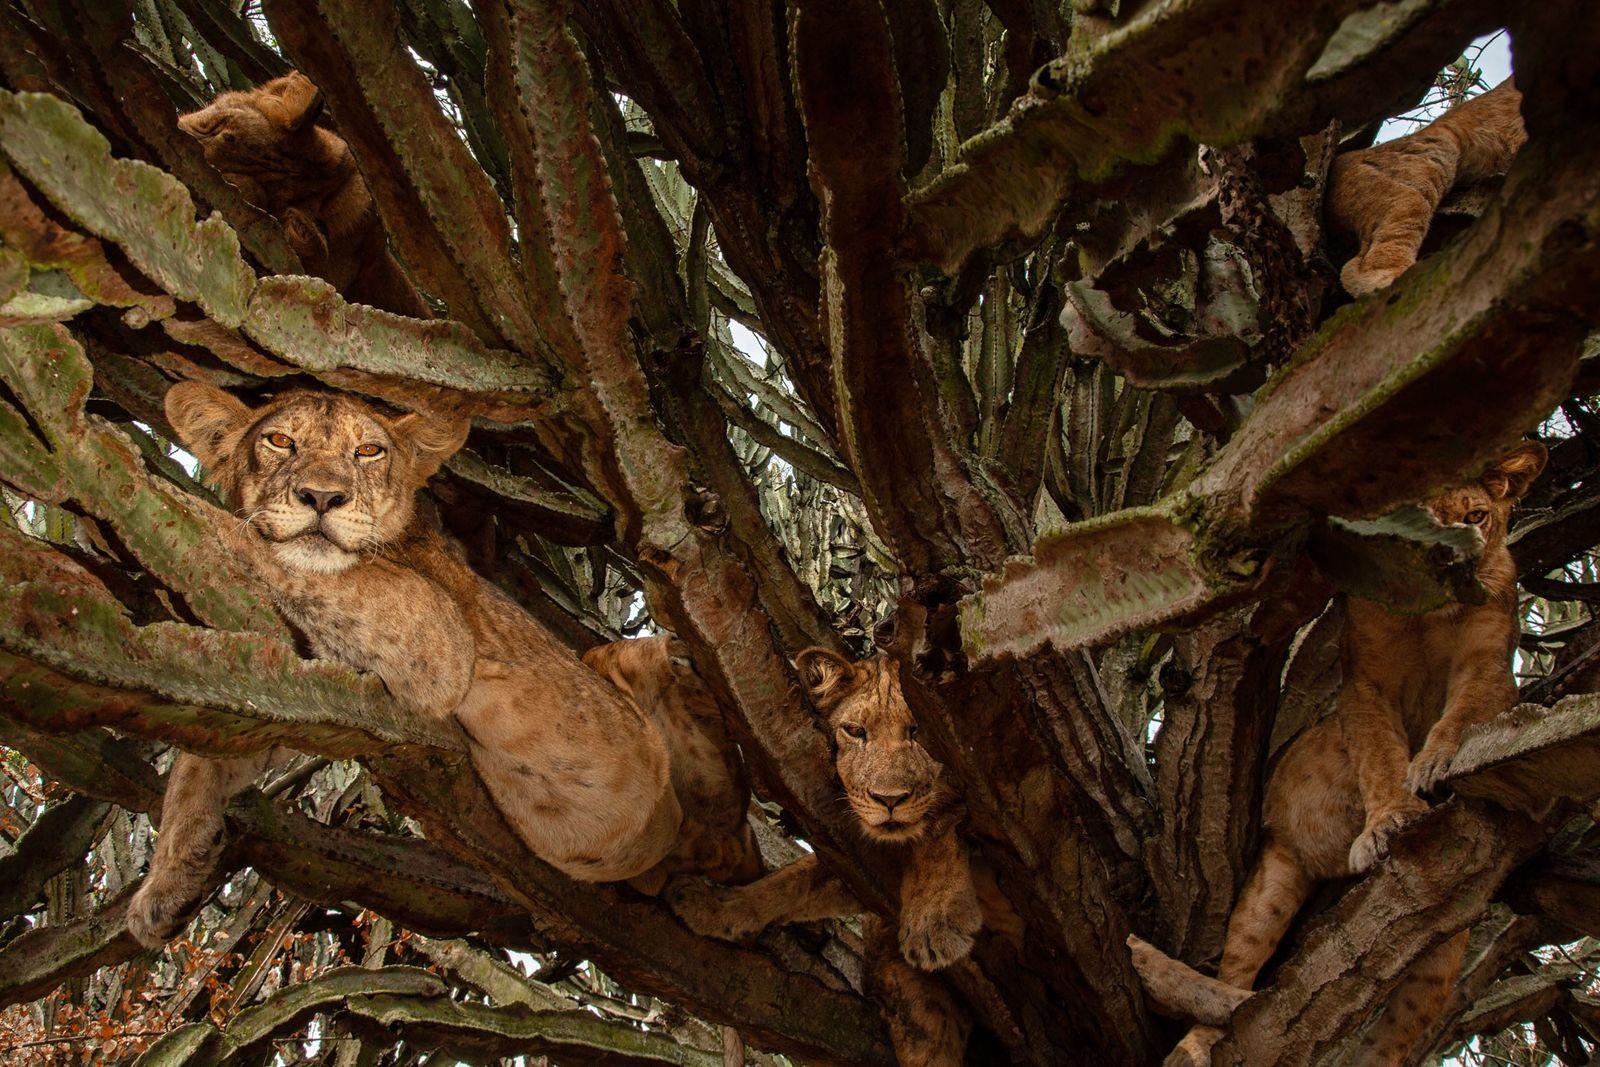 Crias com seis meses de idade relaxam numa árvore. Embora os cientistas discordem sobre os melhores ...